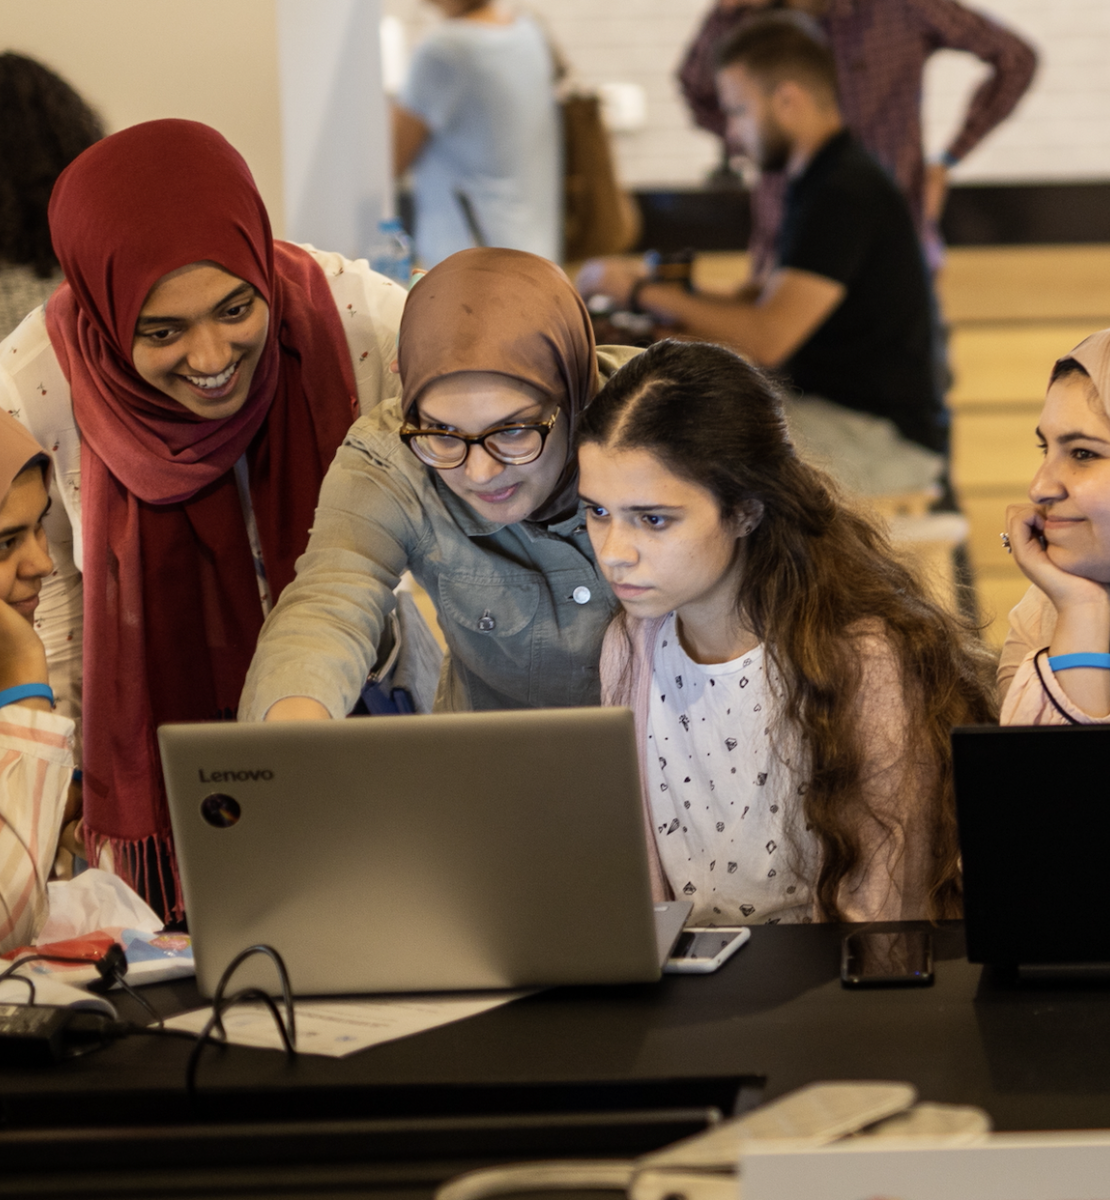 Пятеро девушек вместе смотрят на экран одного из ноутбуков в комнате с несколькими другими людьми.